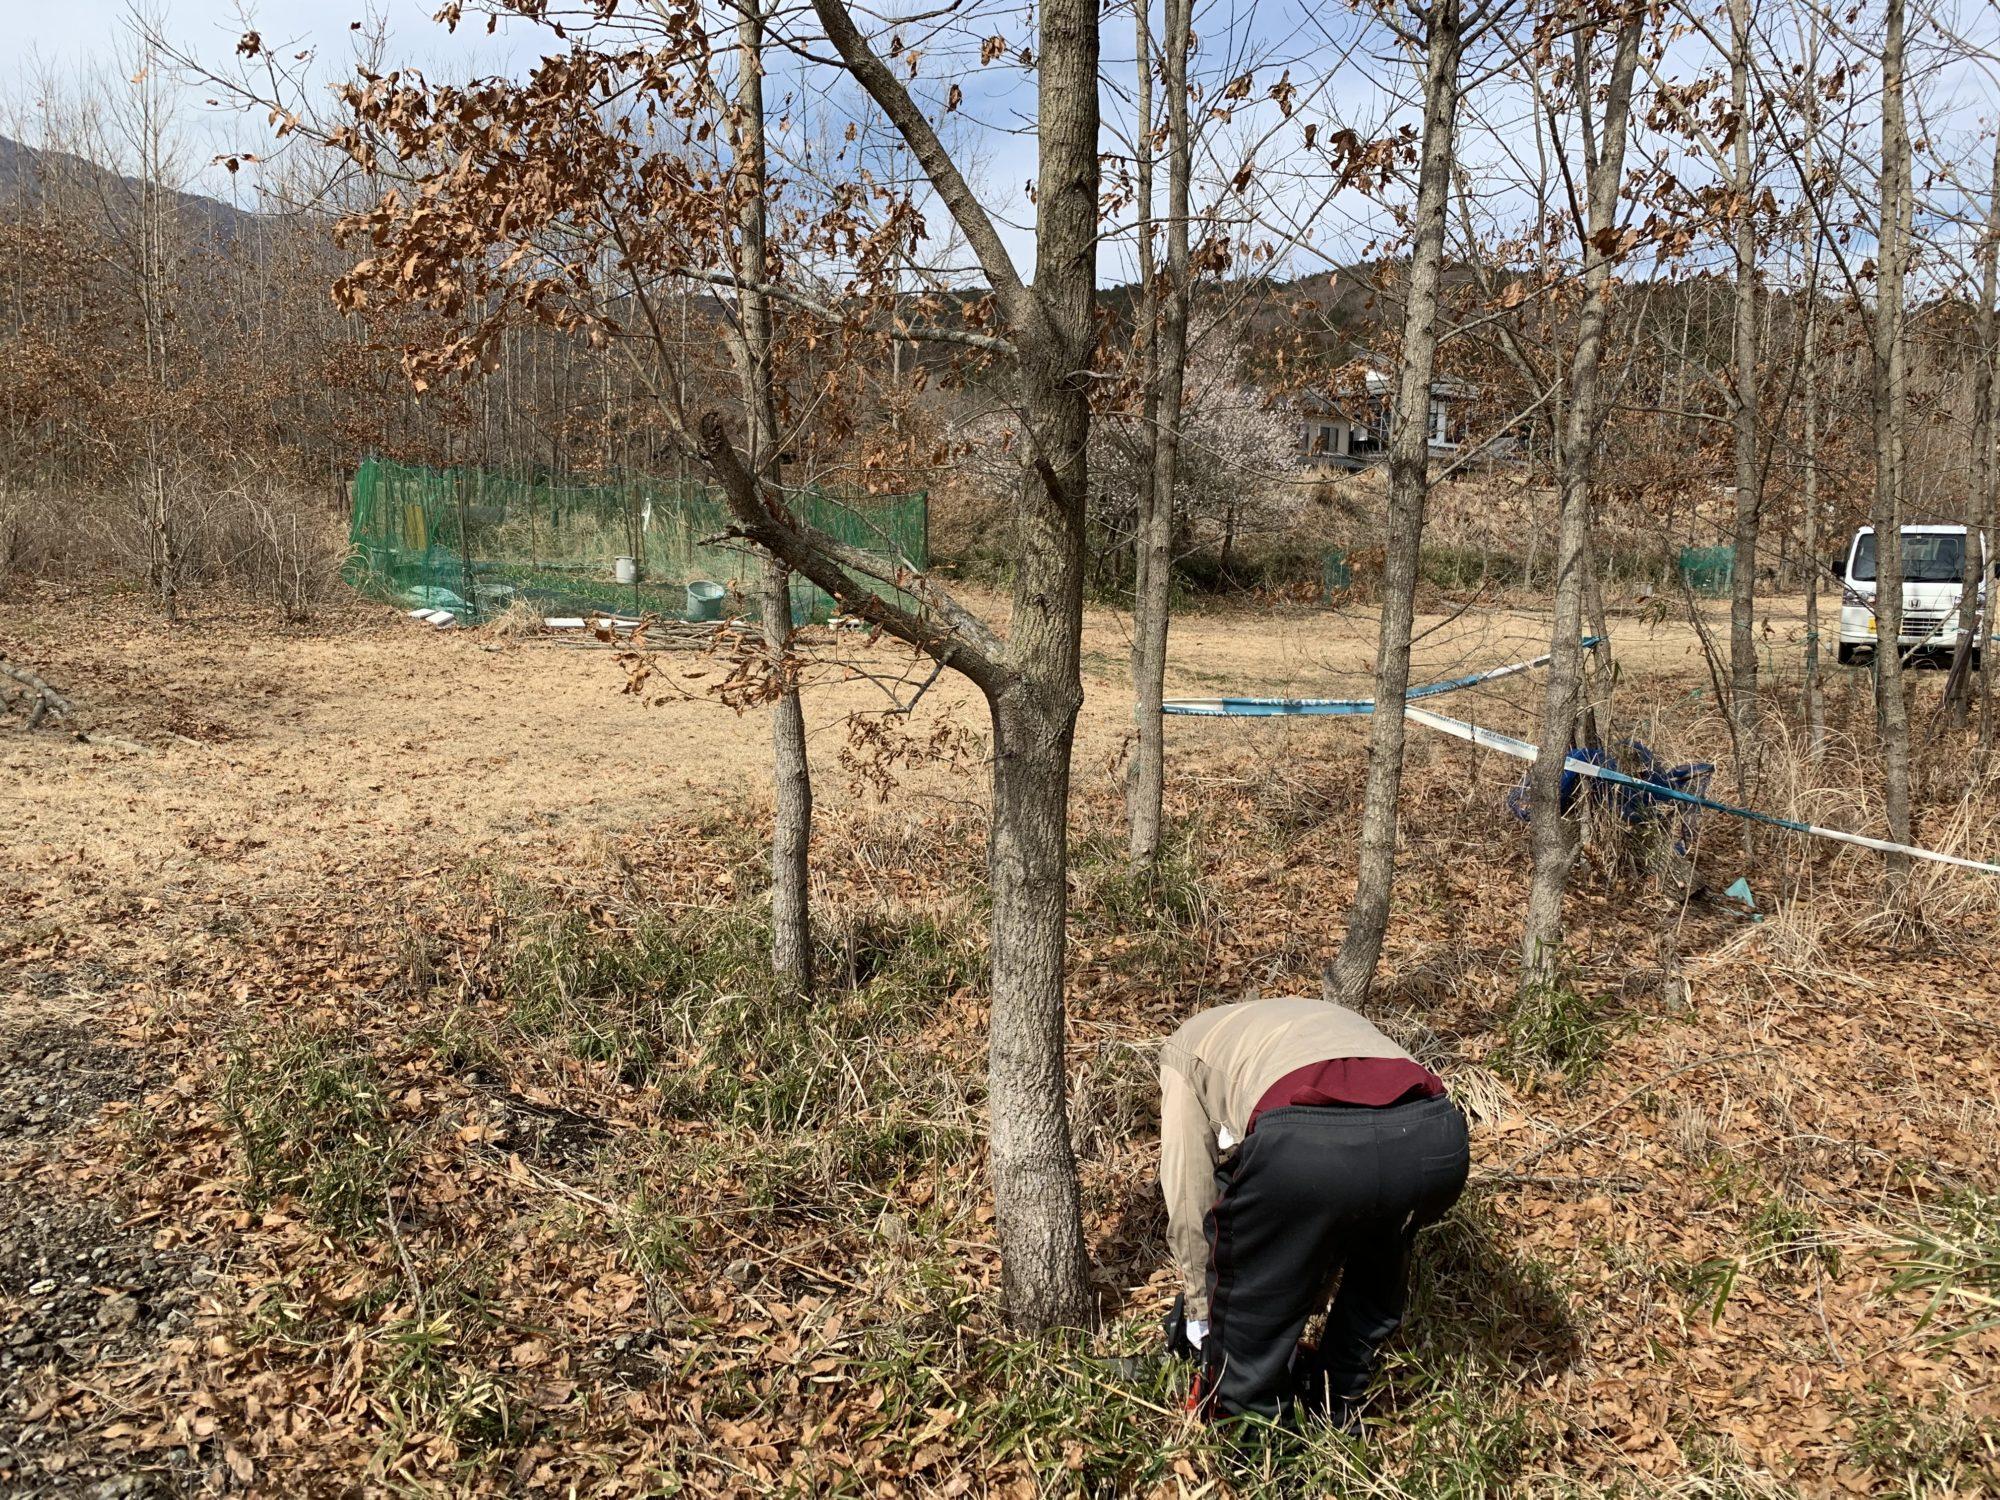 くぬぎの木を切り倒す